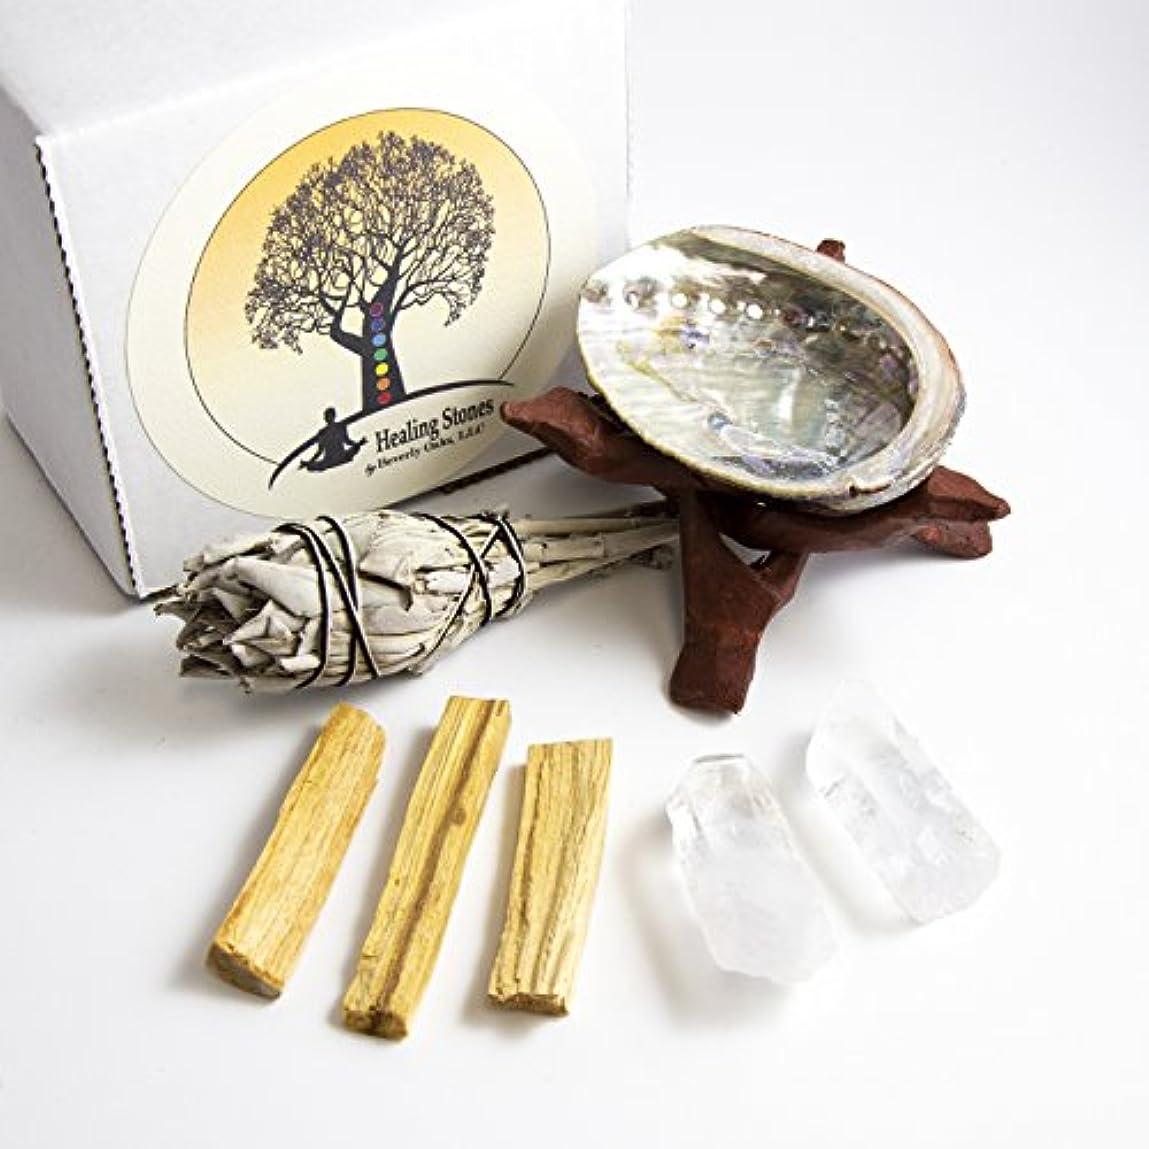 時代遅れバズグレートオークBeverly Oaks瞑想Ritualキット – 2 Clear Quartz Crystals , Palo Santoスティック、カリフォルニアホワイトセージスティック、アワビシェル、コブラスタンド – Healing...